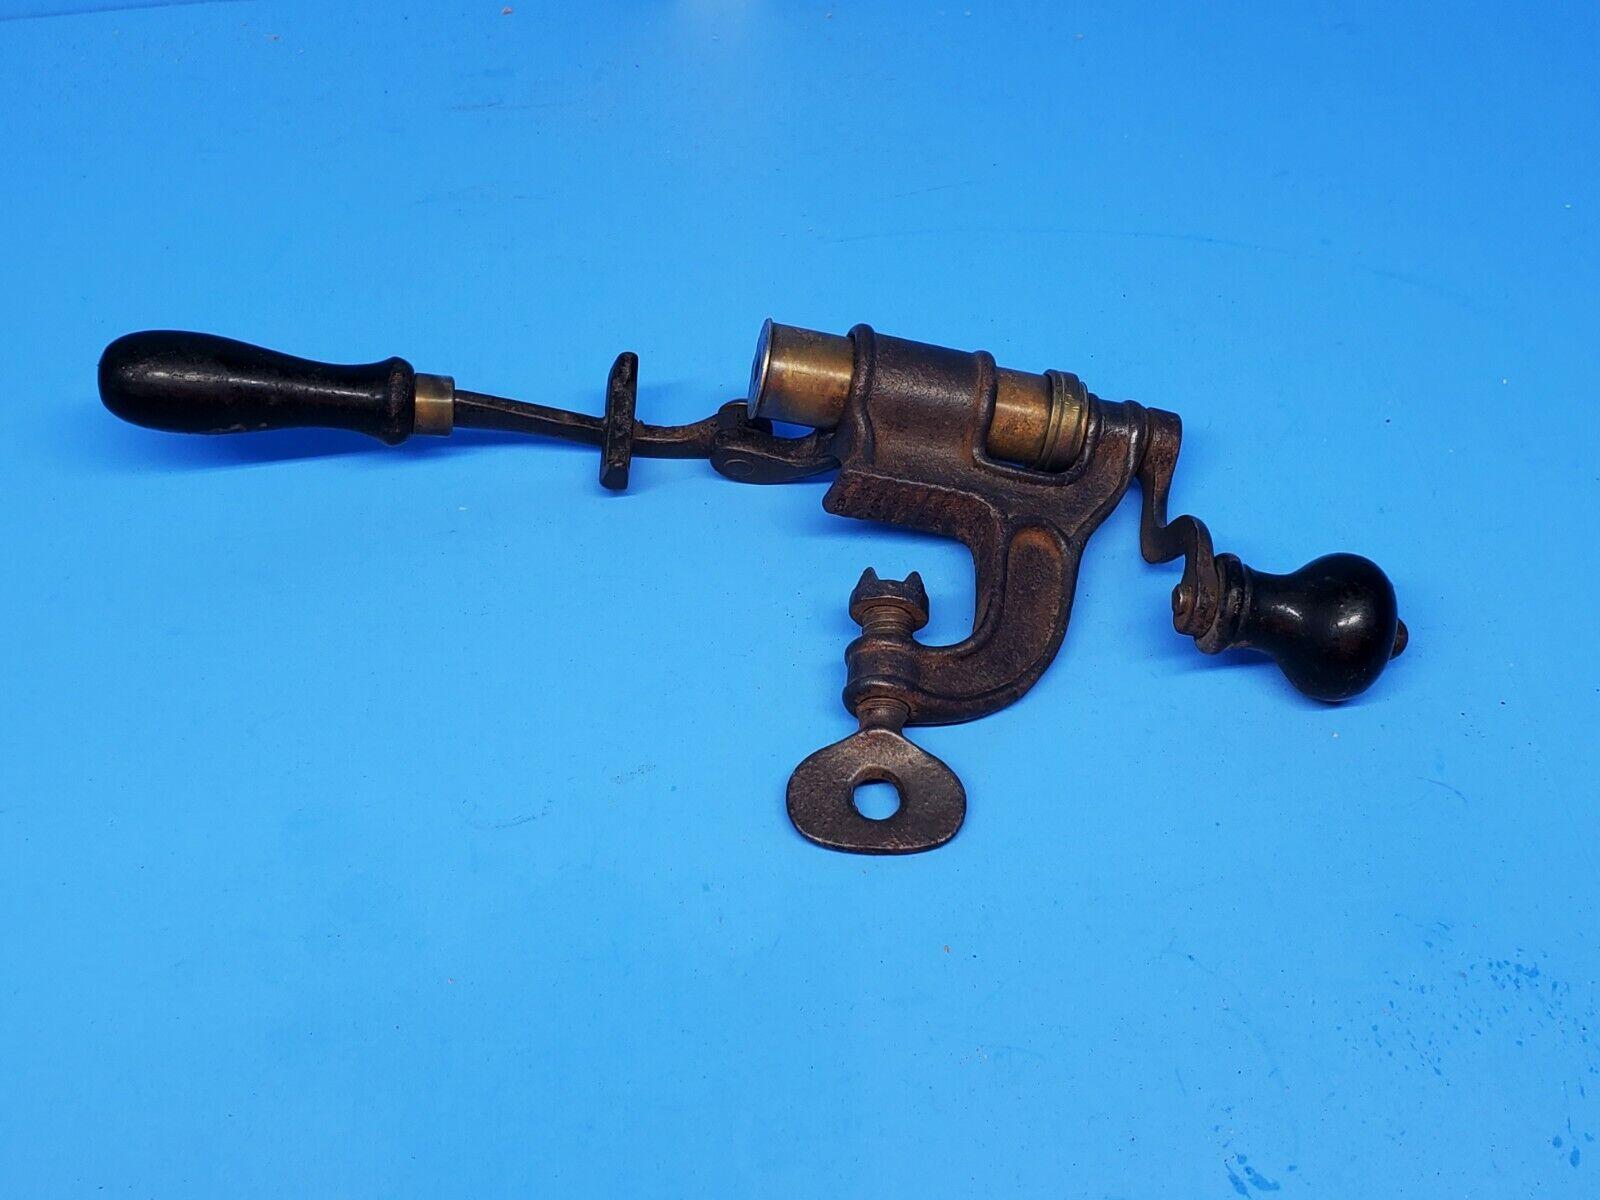 Image 1 - Vintage-12-Ga-Roll-Crimper-Reloading-Tool